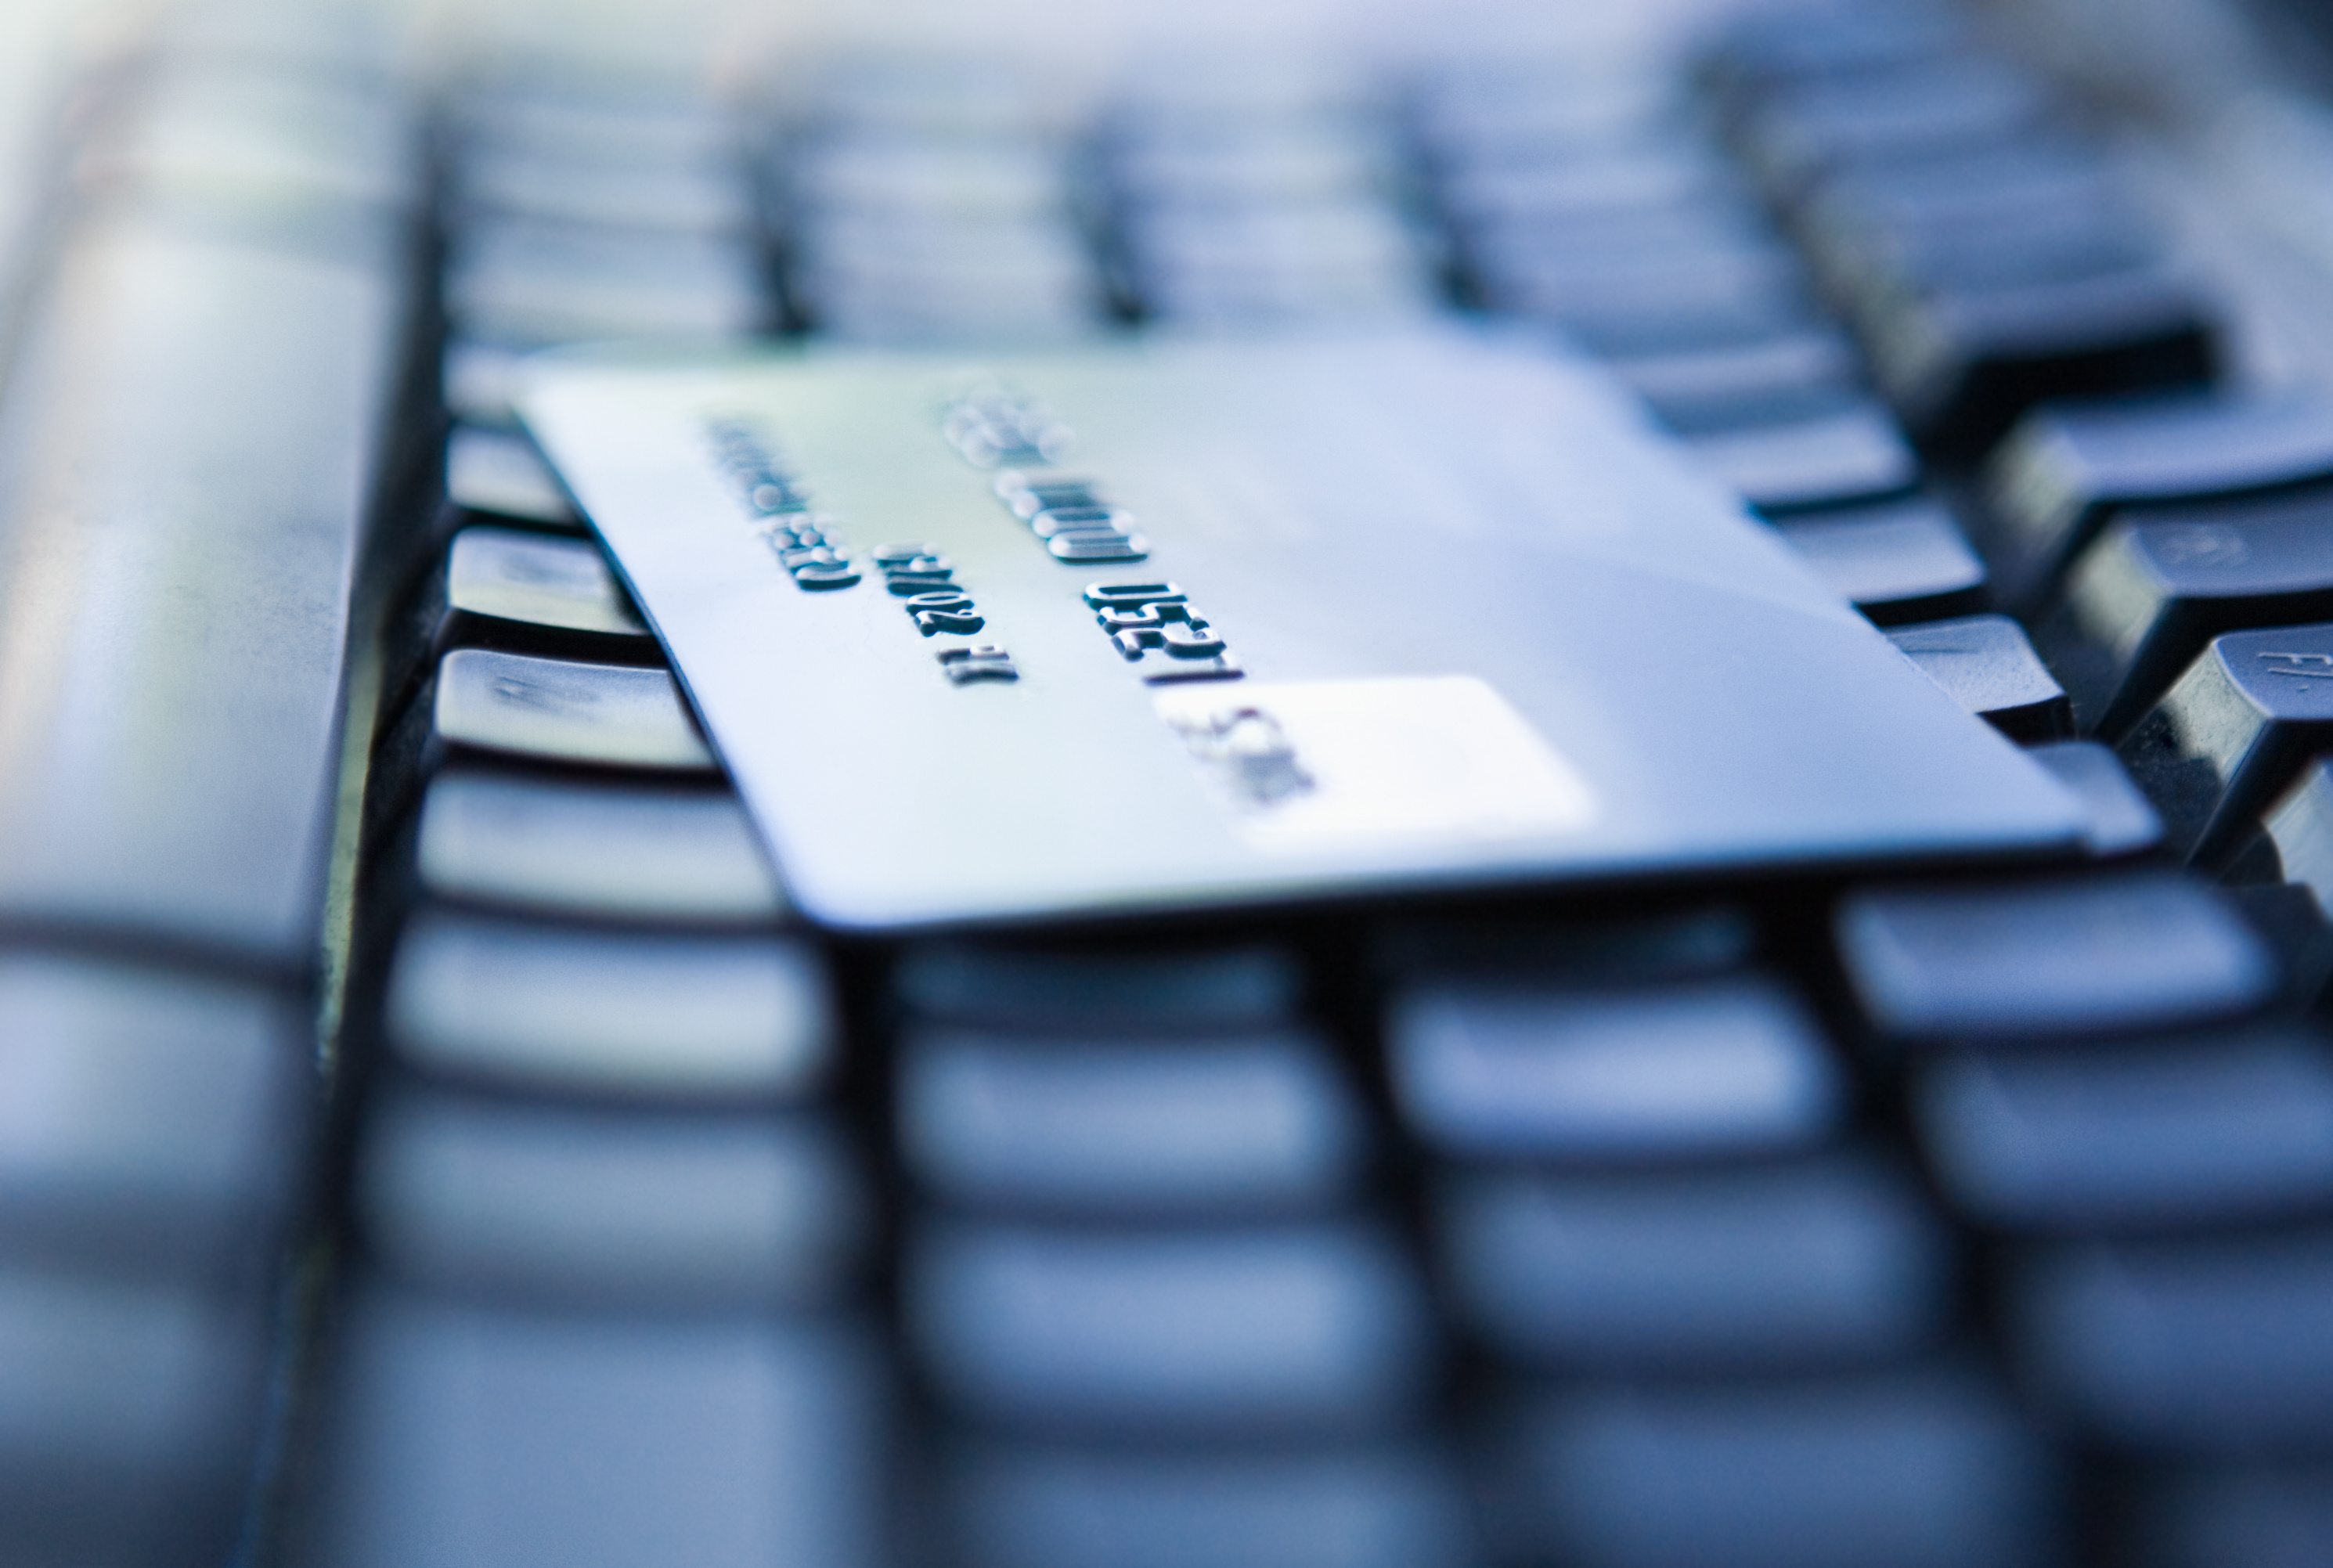 Crisi economica, l'e-commerce guiderà la ripresa